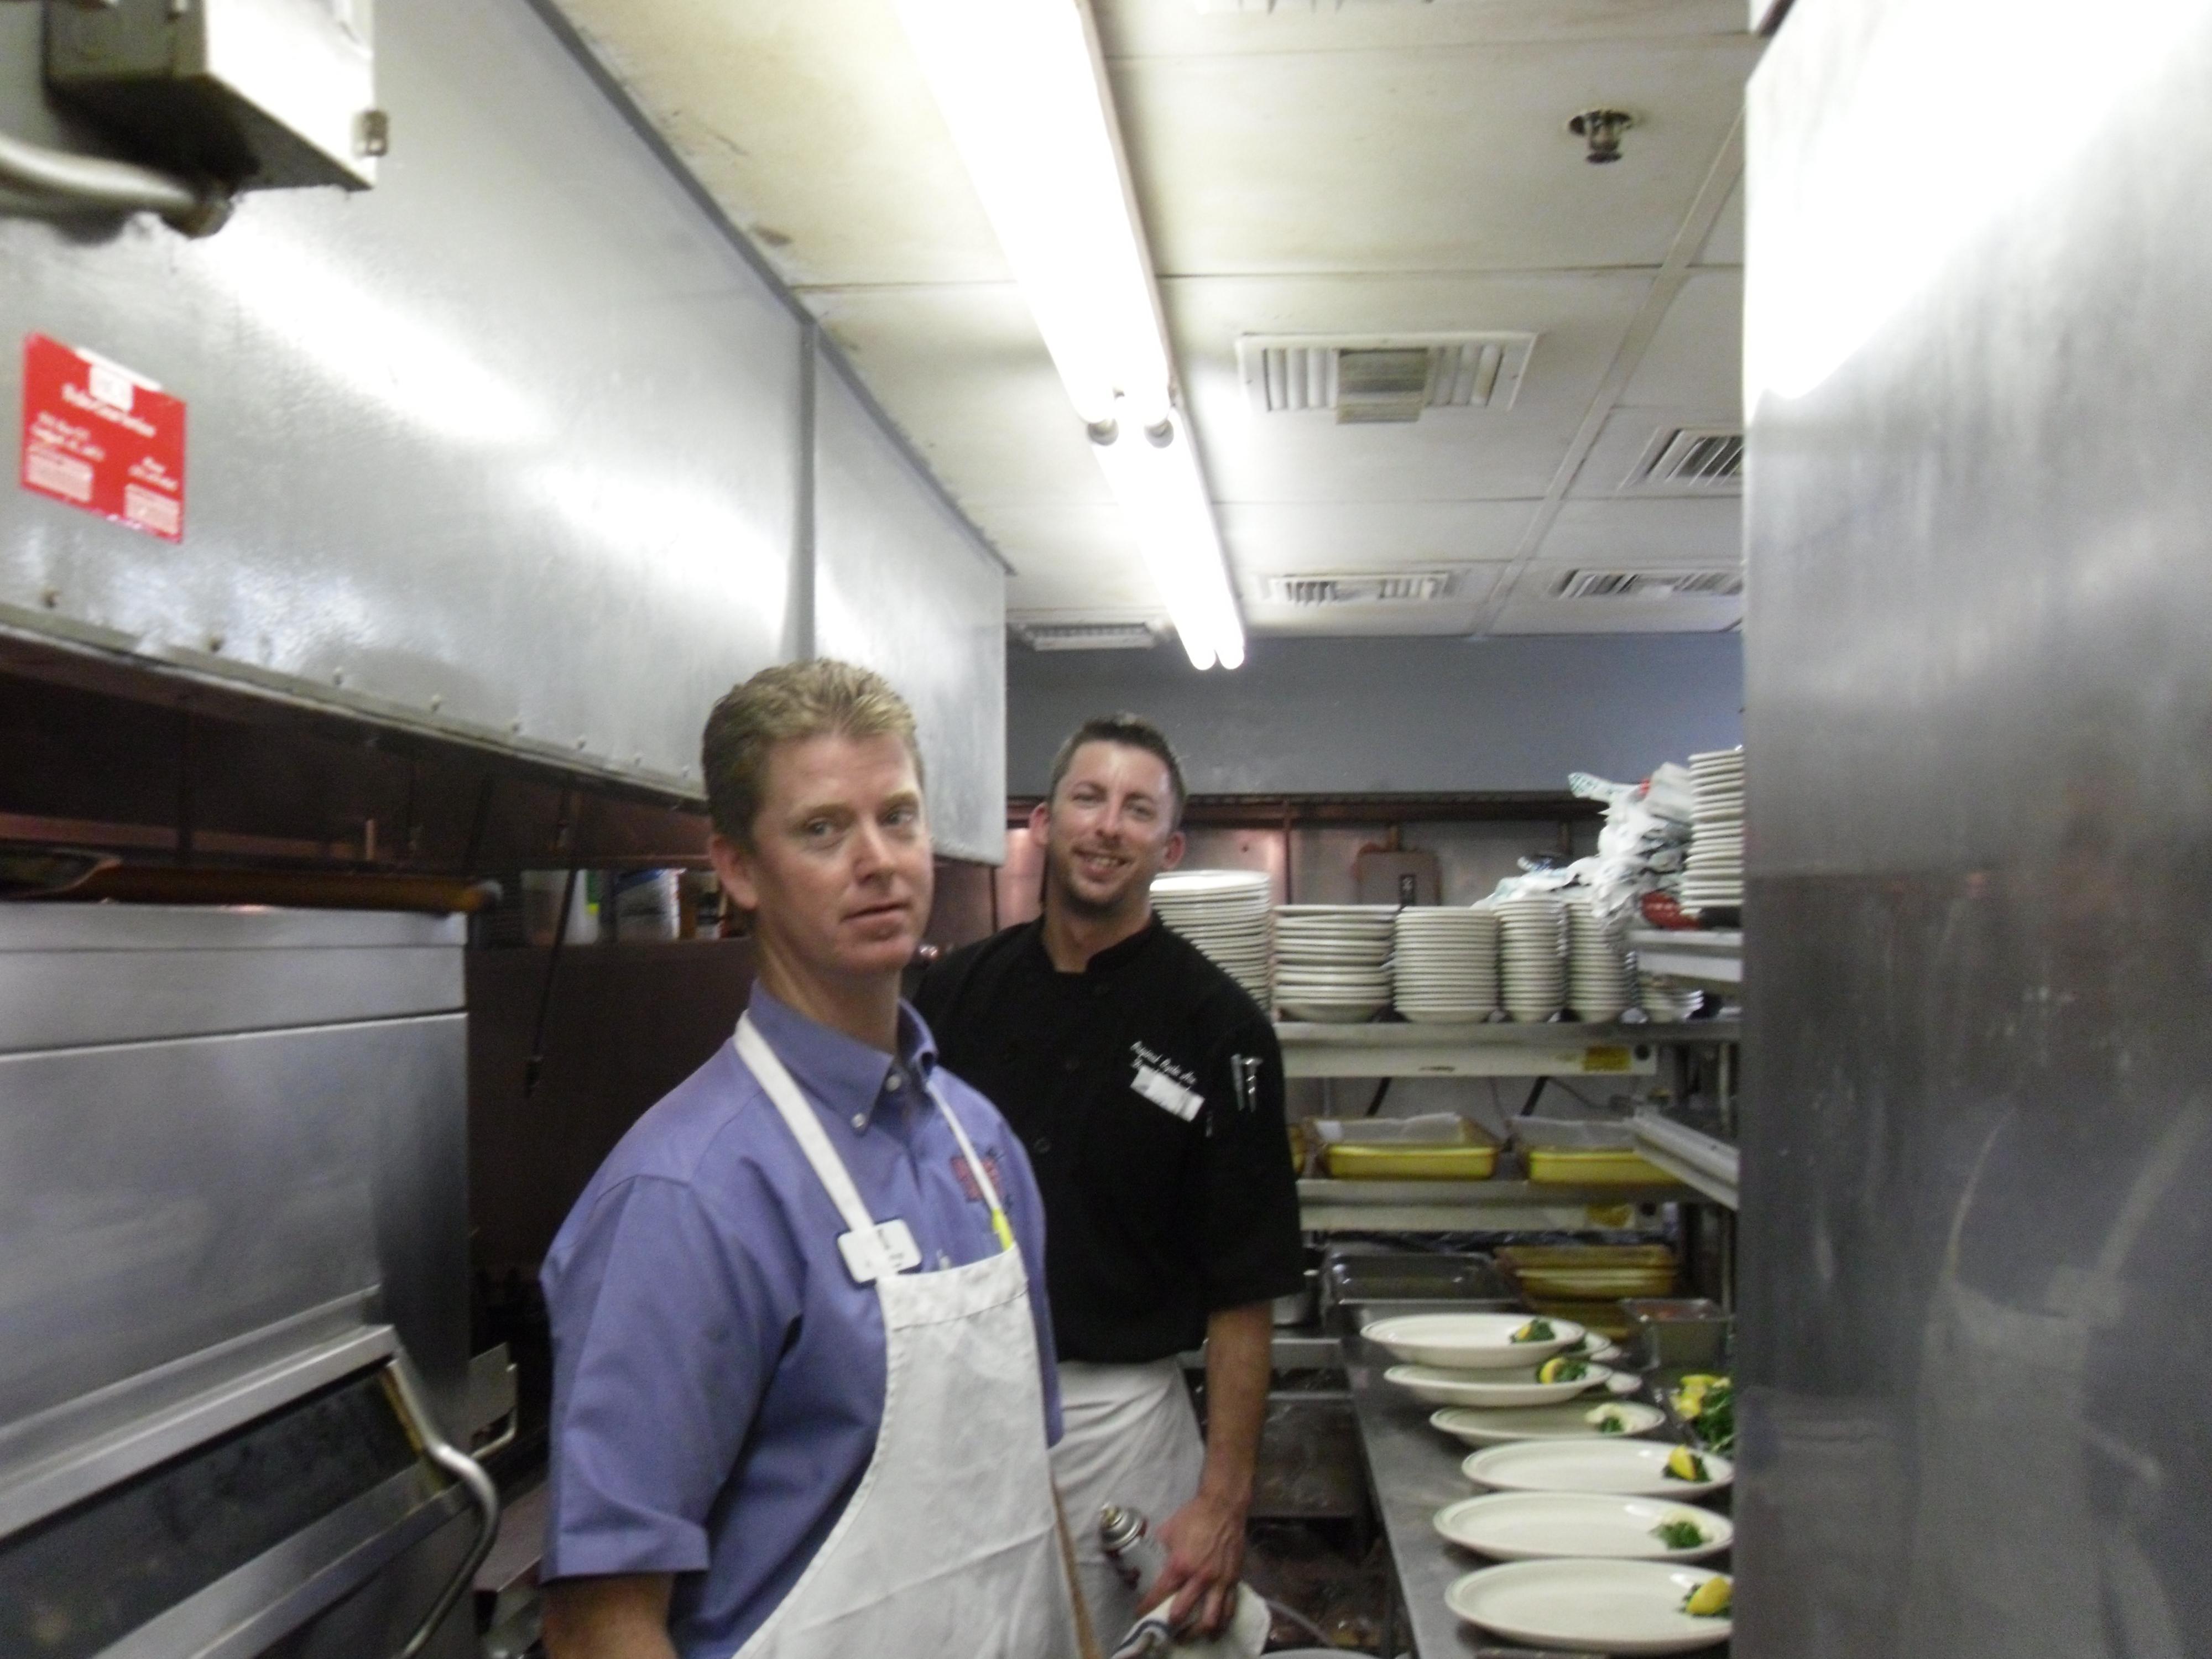 2 men in kitchen